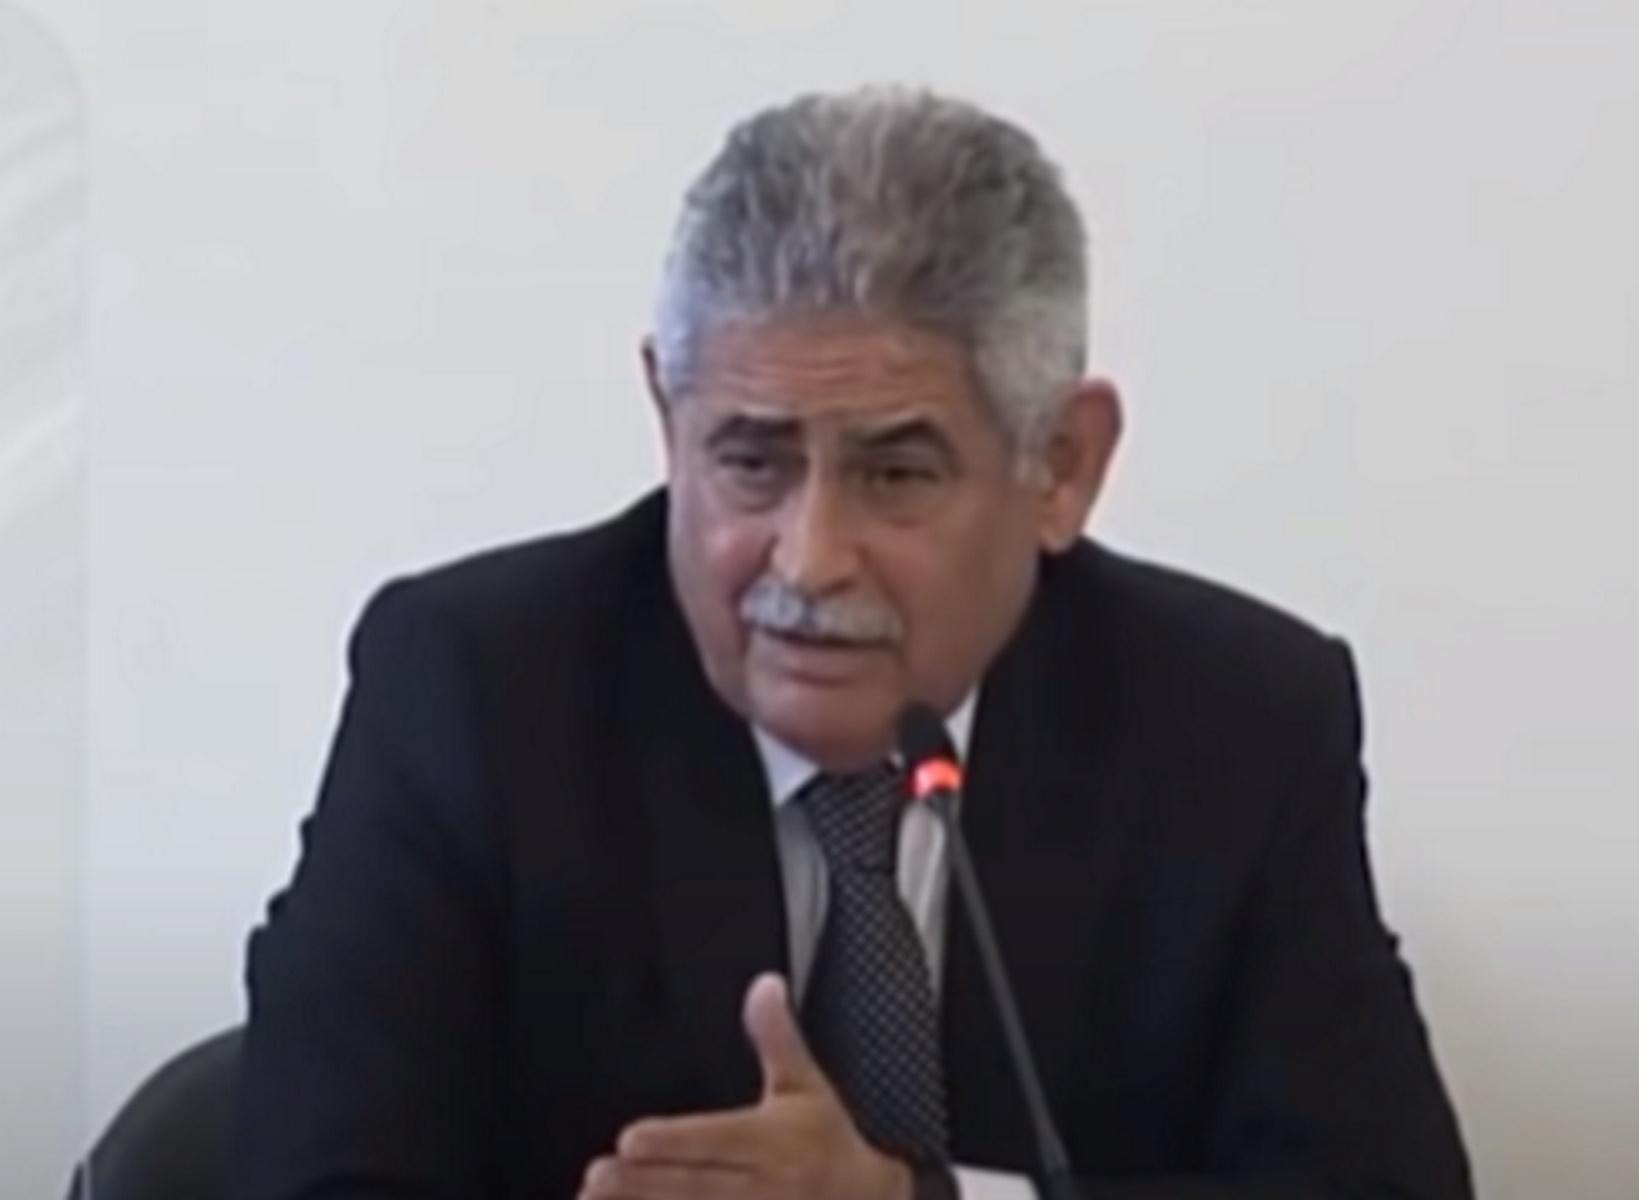 Σκάνδαλο στην Πορτογαλία – Συνελήφθη για υπεξαίρεση χρήματος ο πρόεδρος της Μπενφίκα